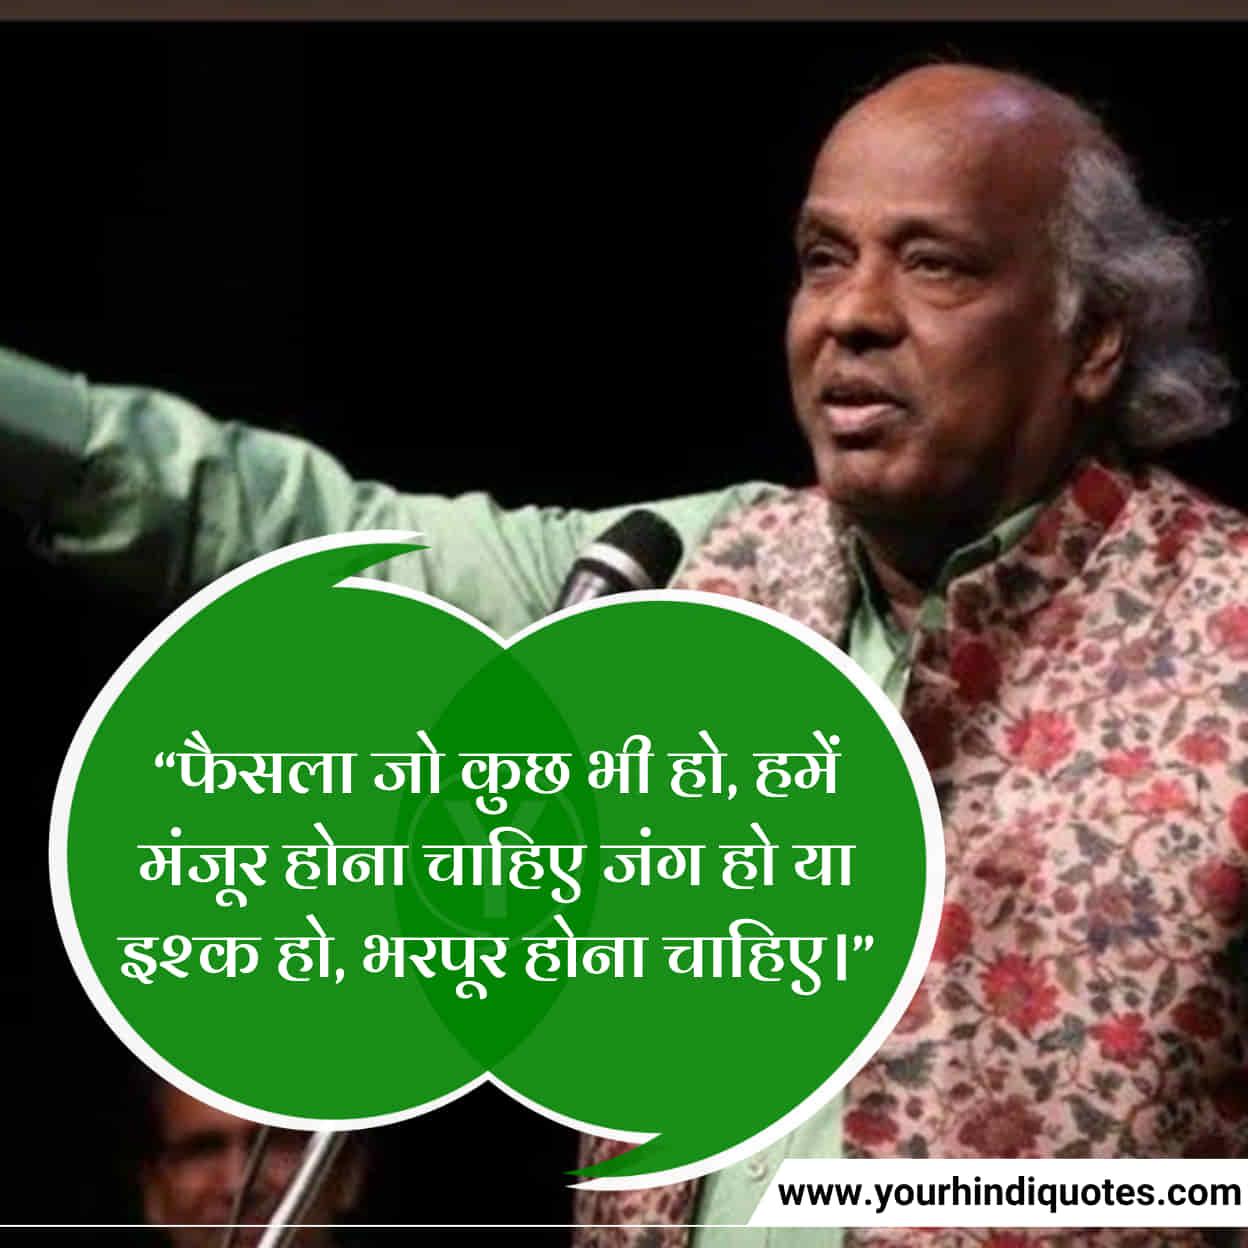 Hindi Rahat Indori Shayari on Life